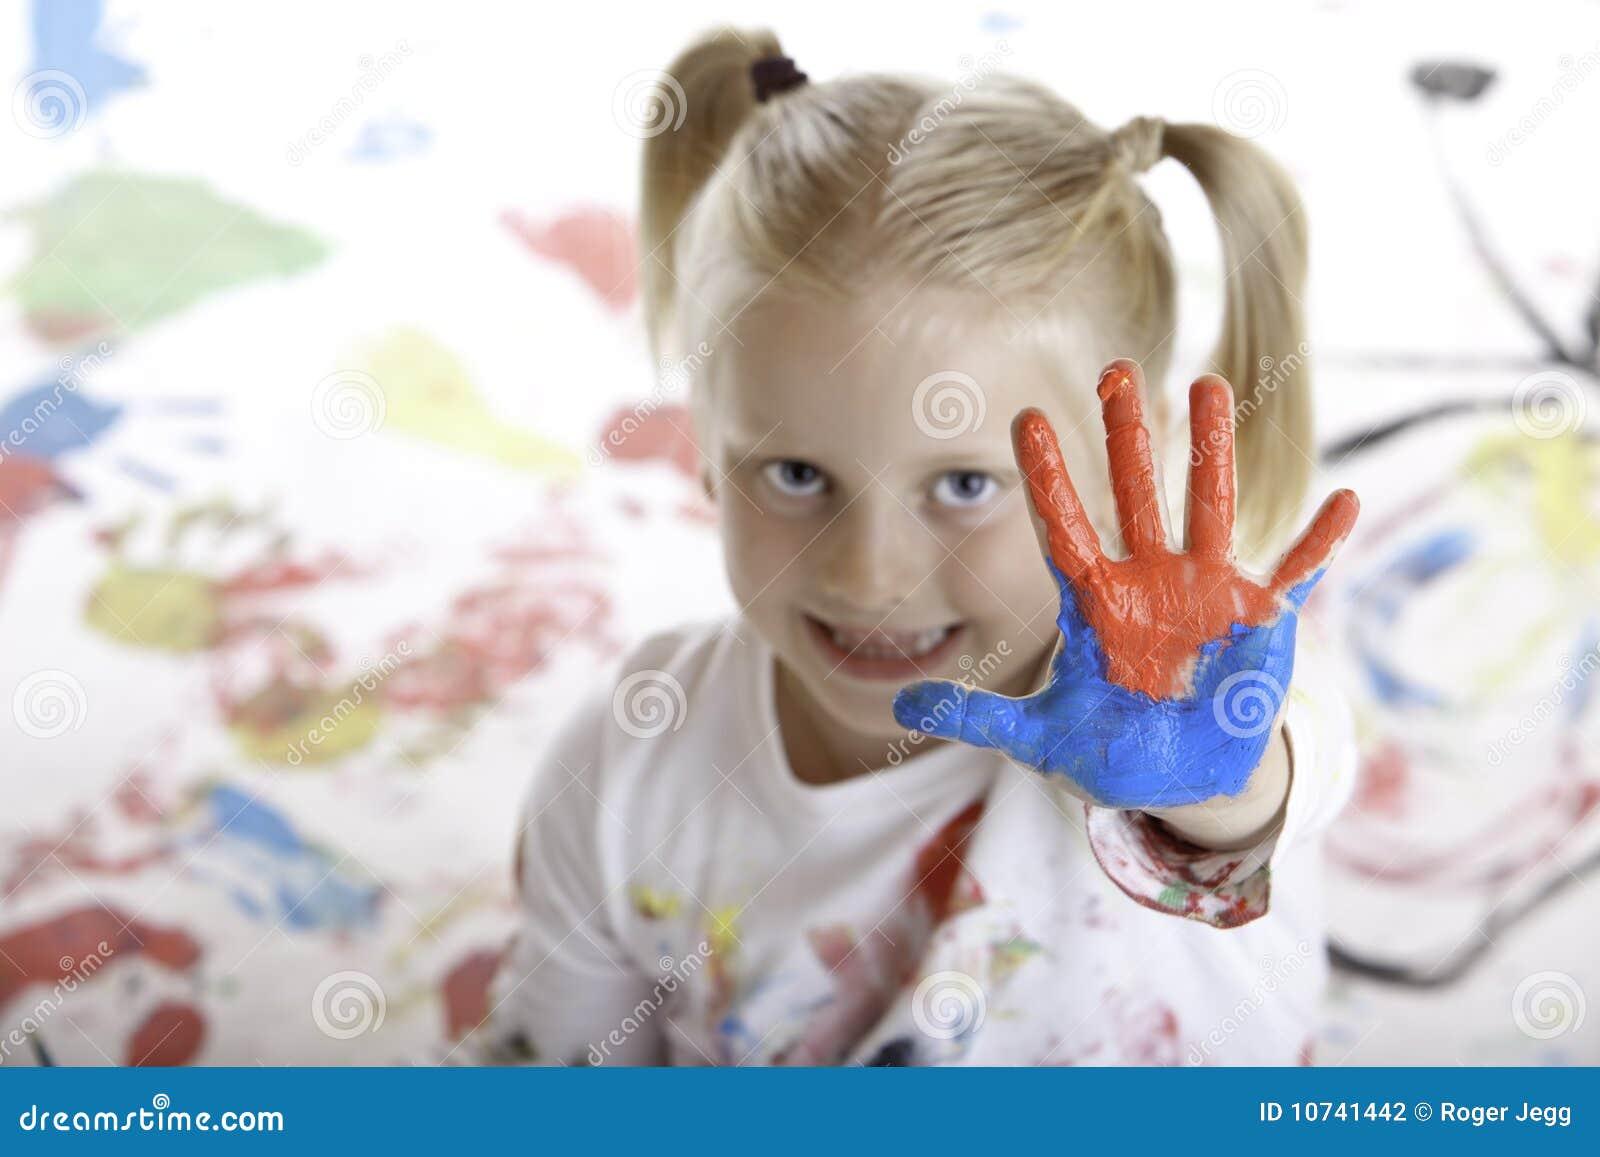 L 39 enfant en bas ge a la session de peinture photographie stock image 10741442 - Peinture main enfant ...